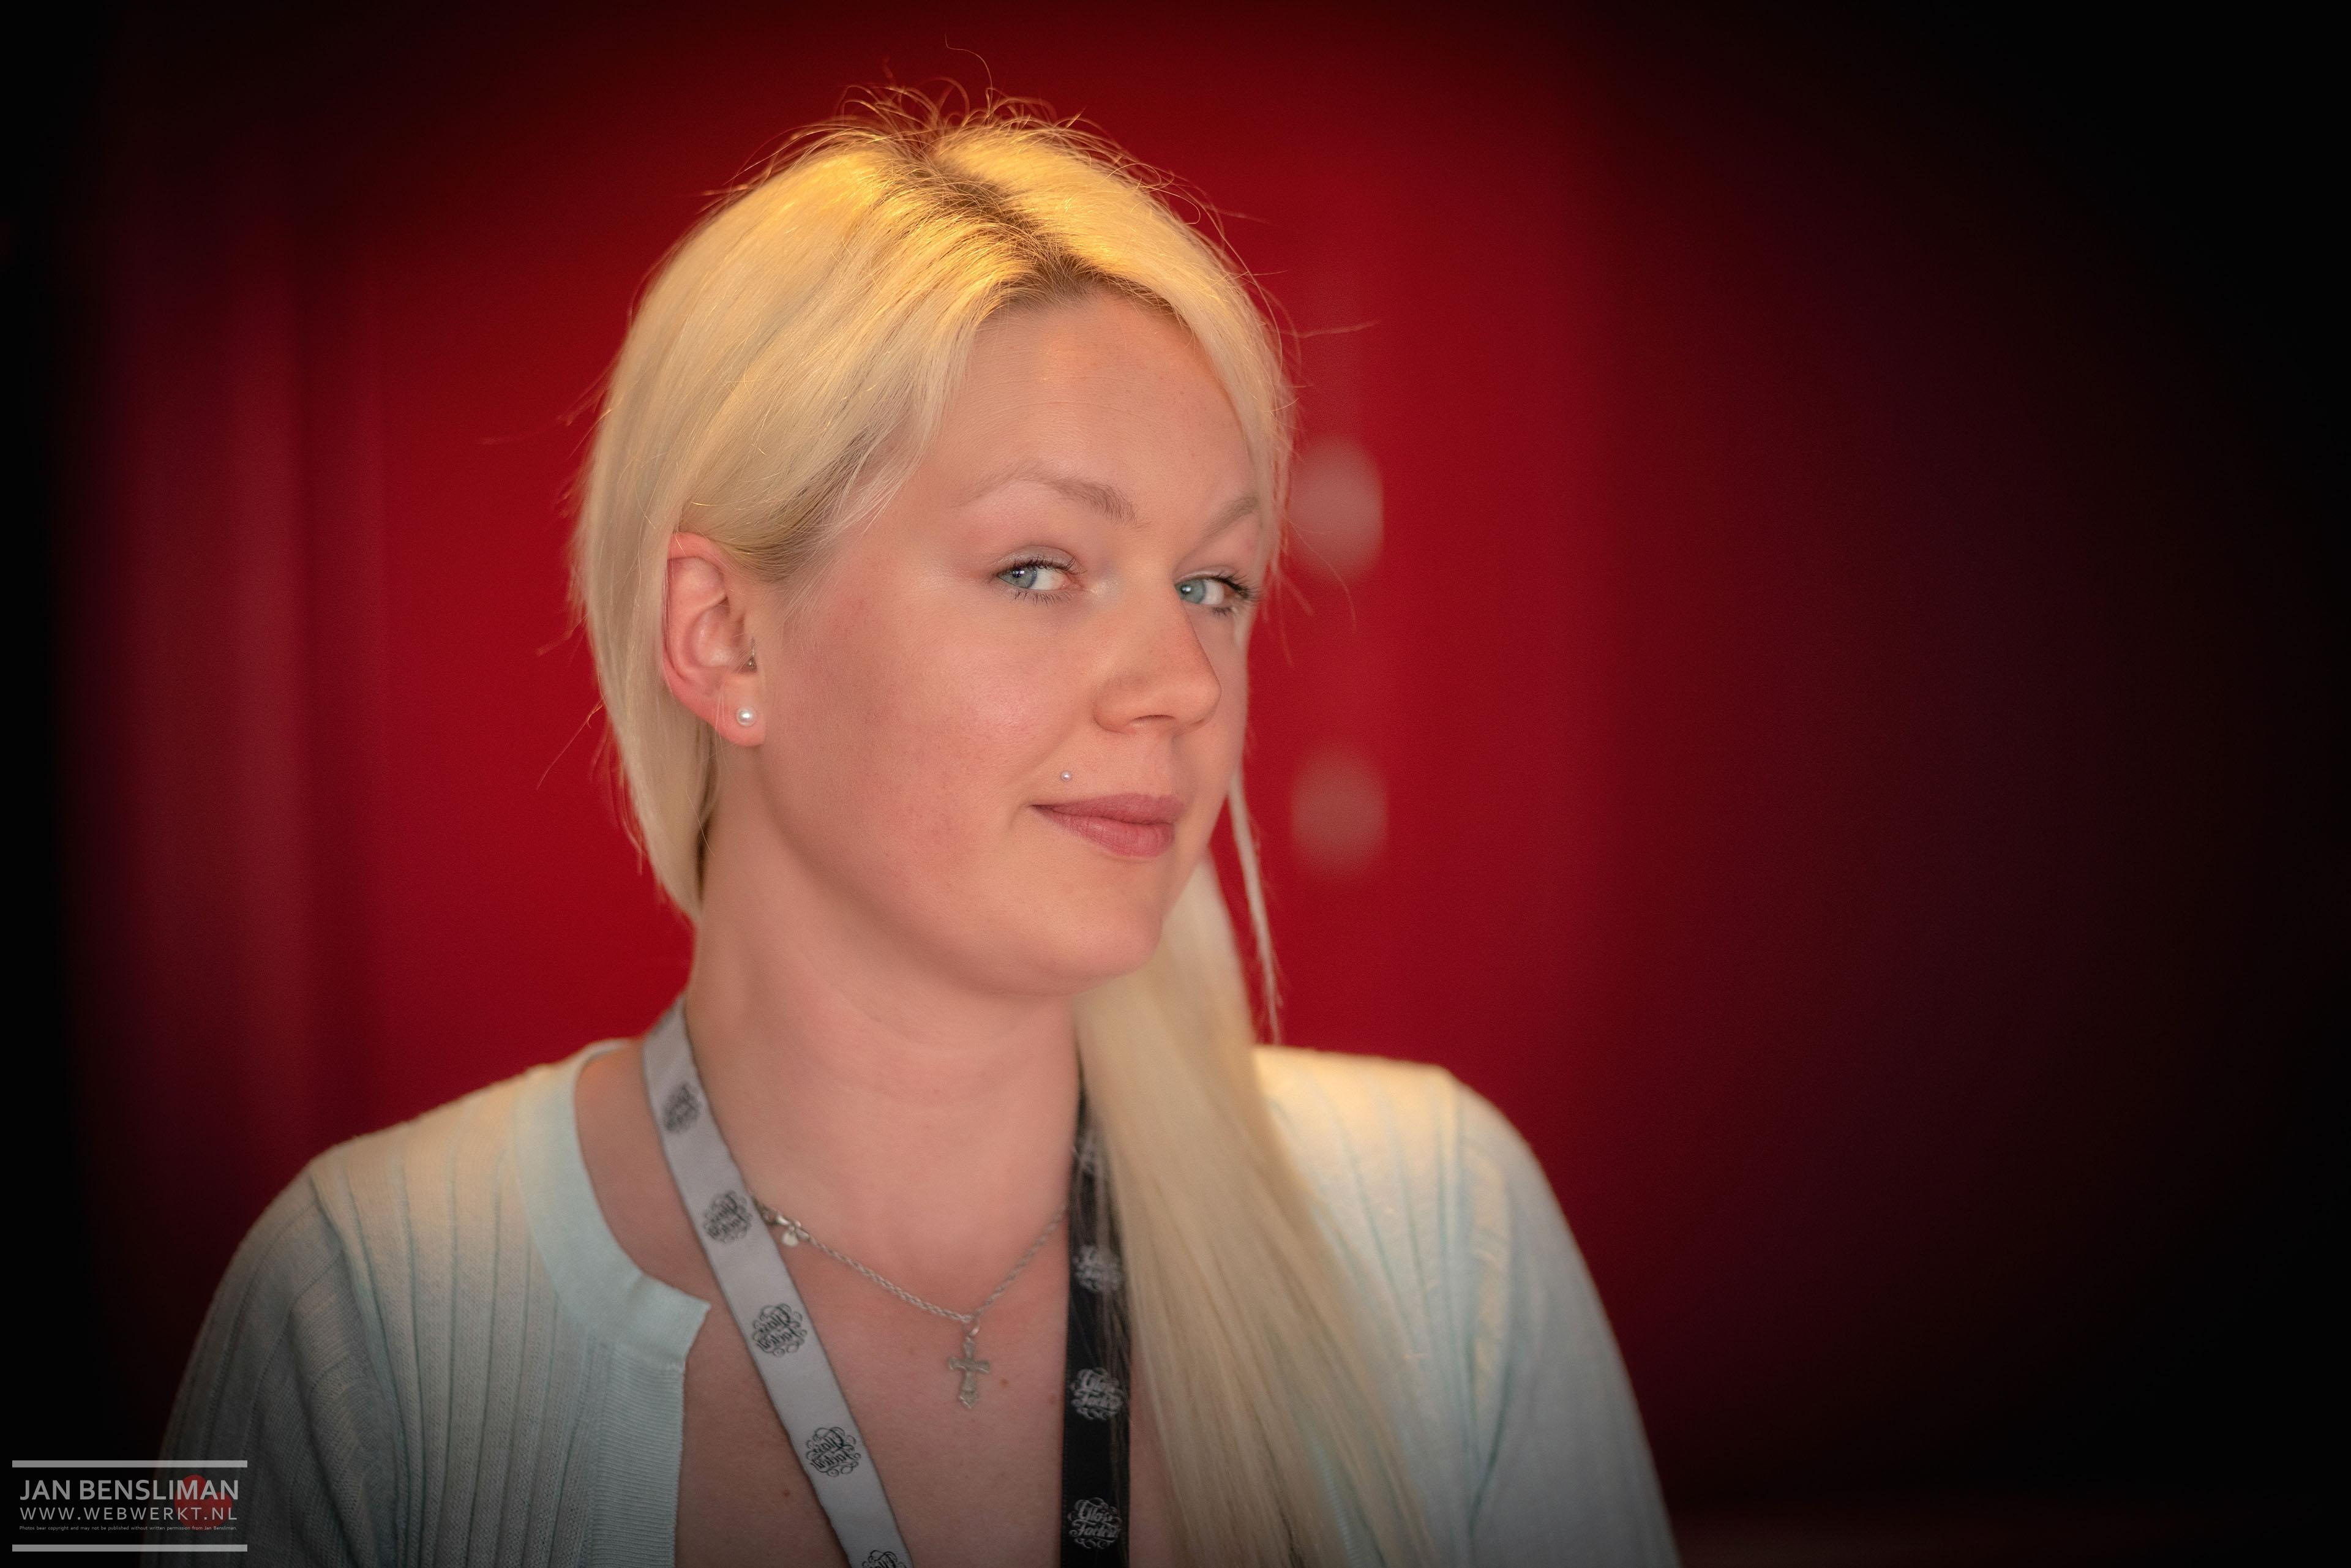 Jenni Schuett